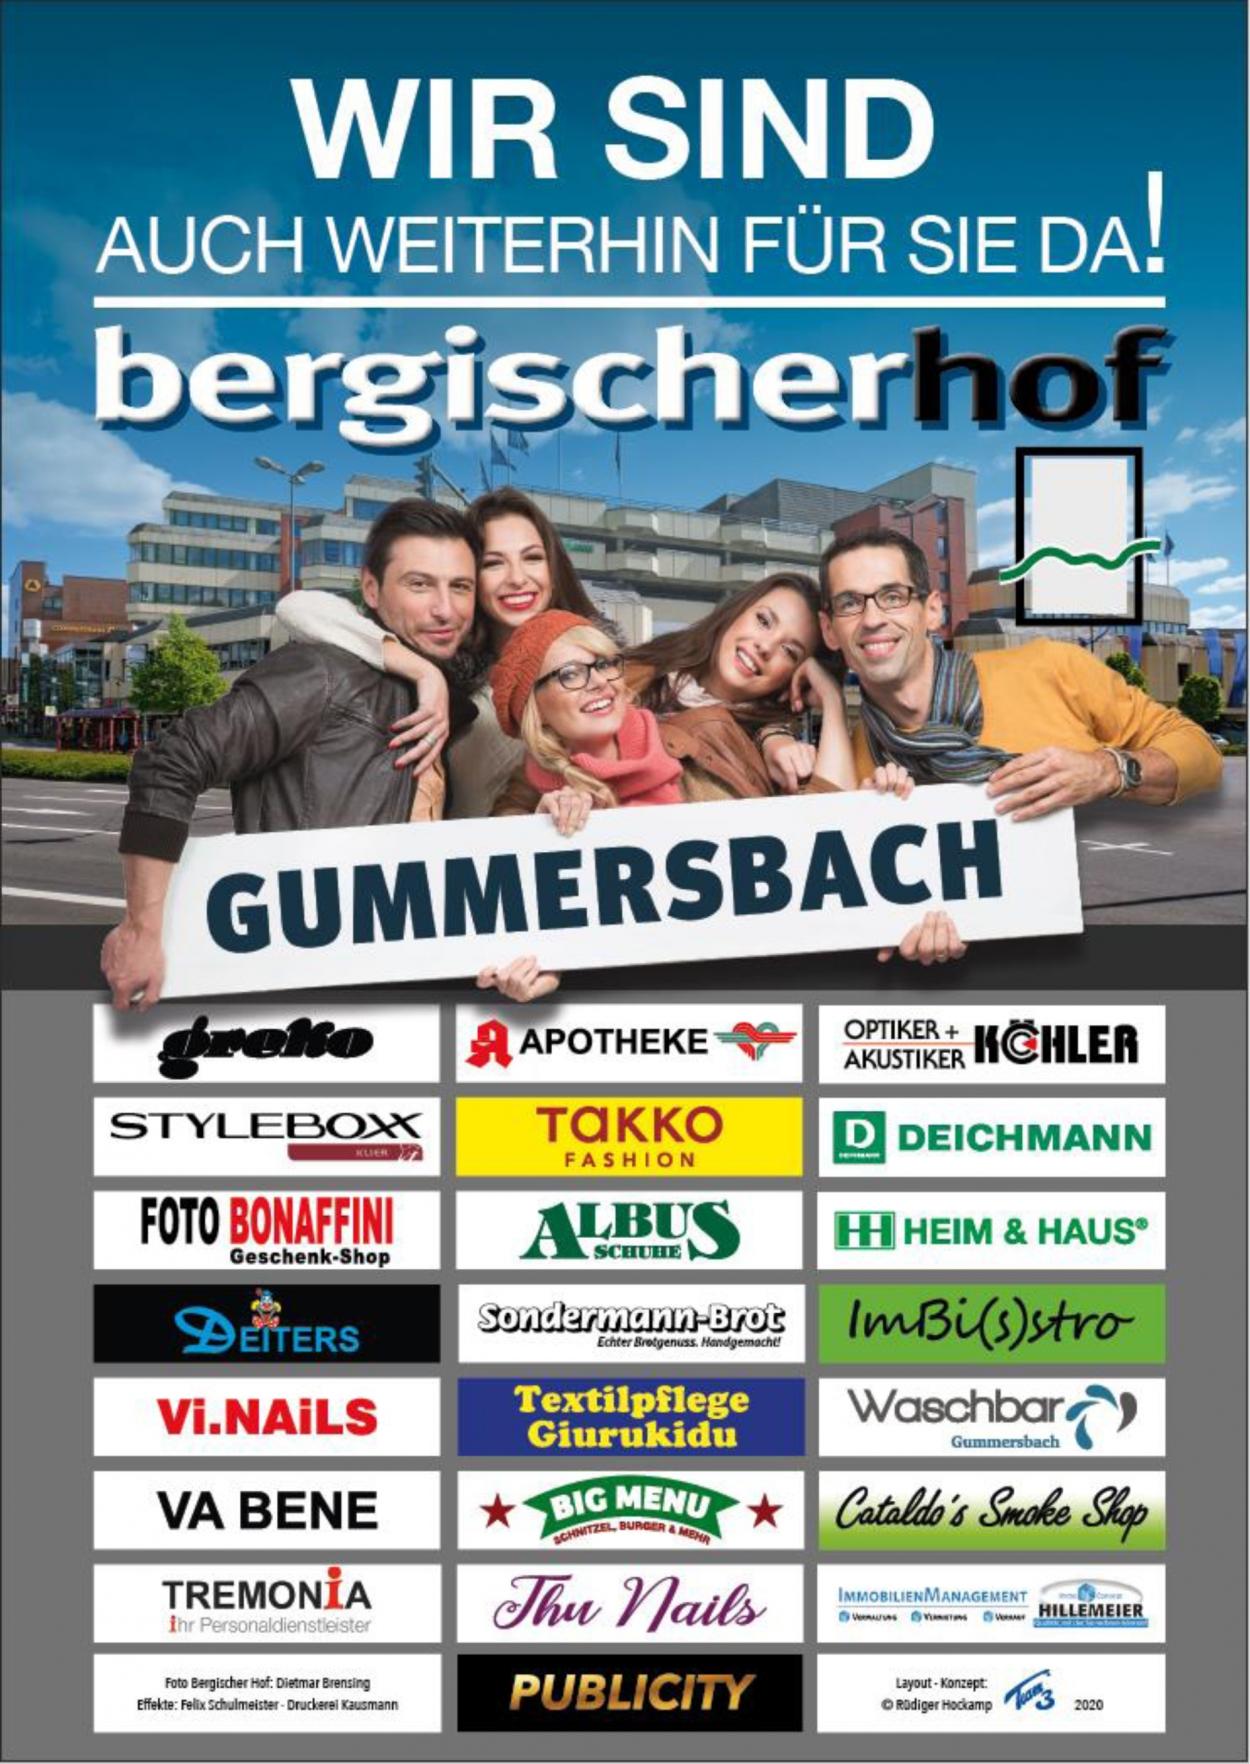 Bergischer Hof | Weiterhin für Sie da!